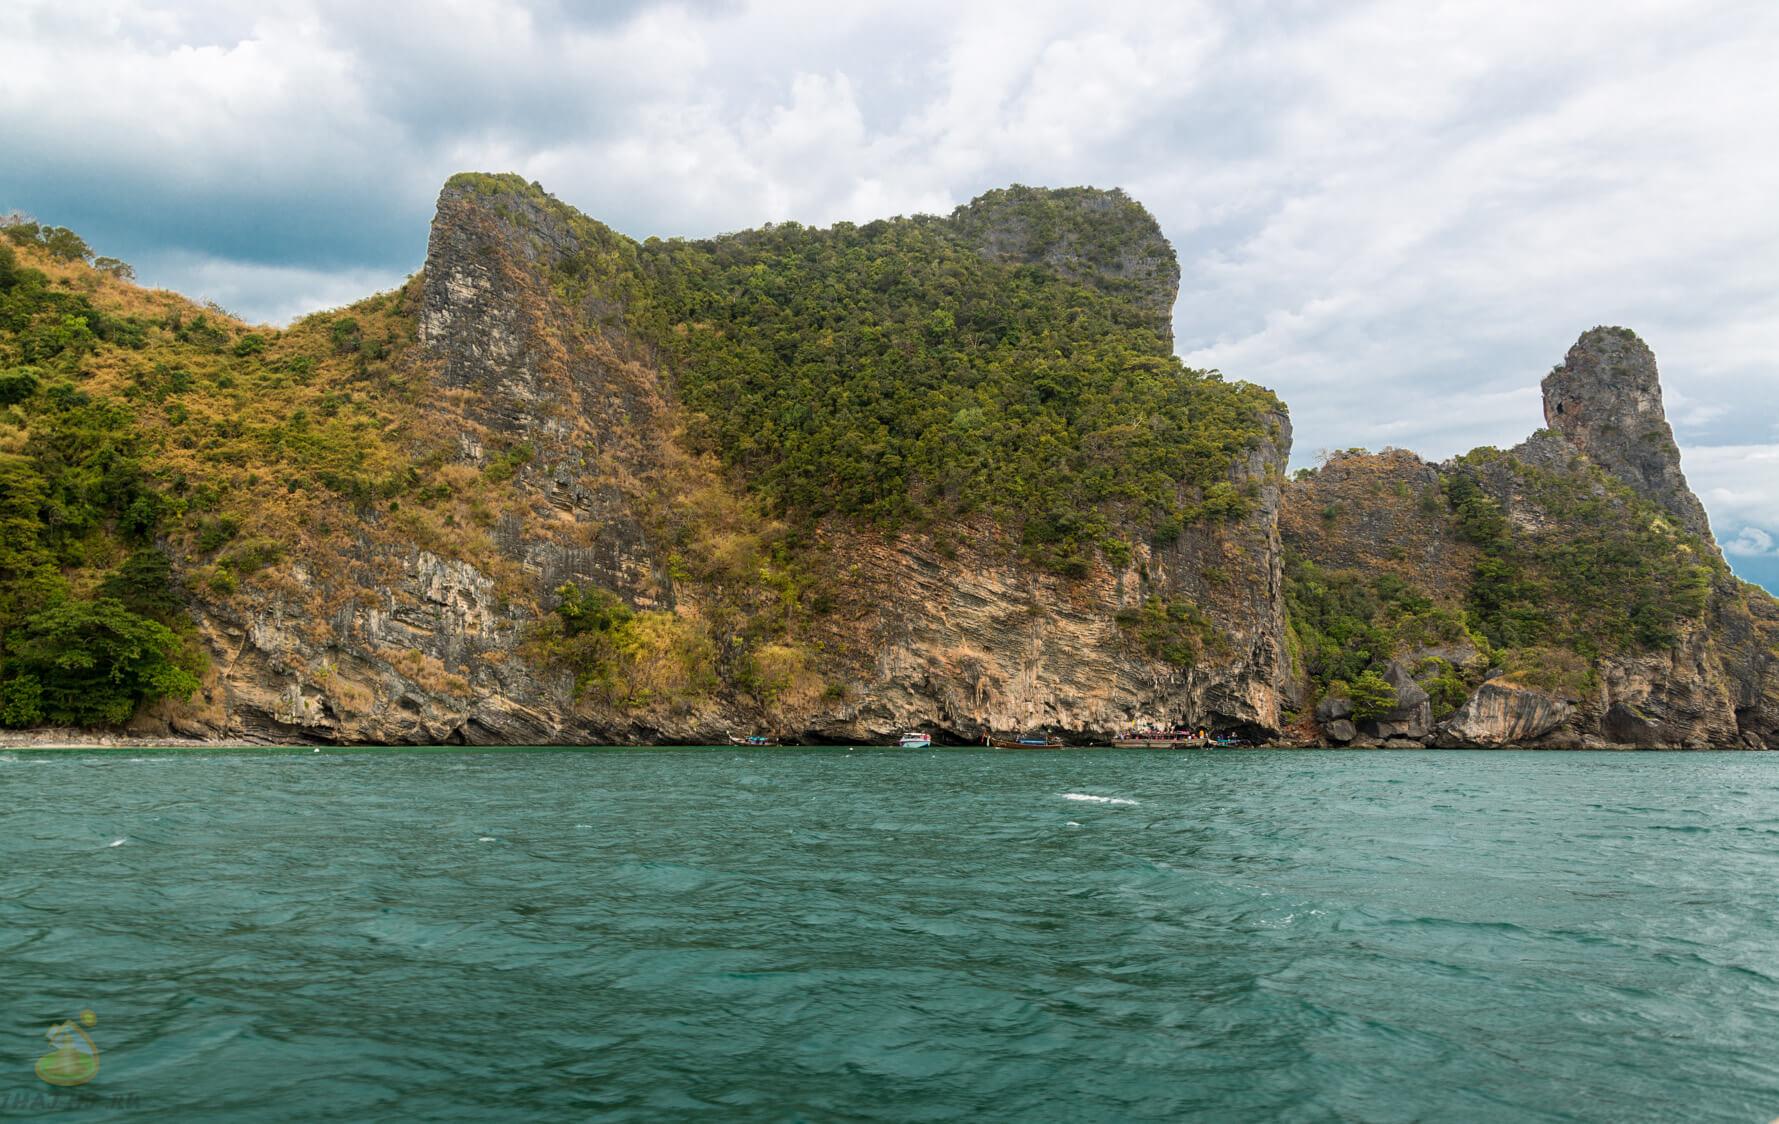 Фото Chiken Island с лодки